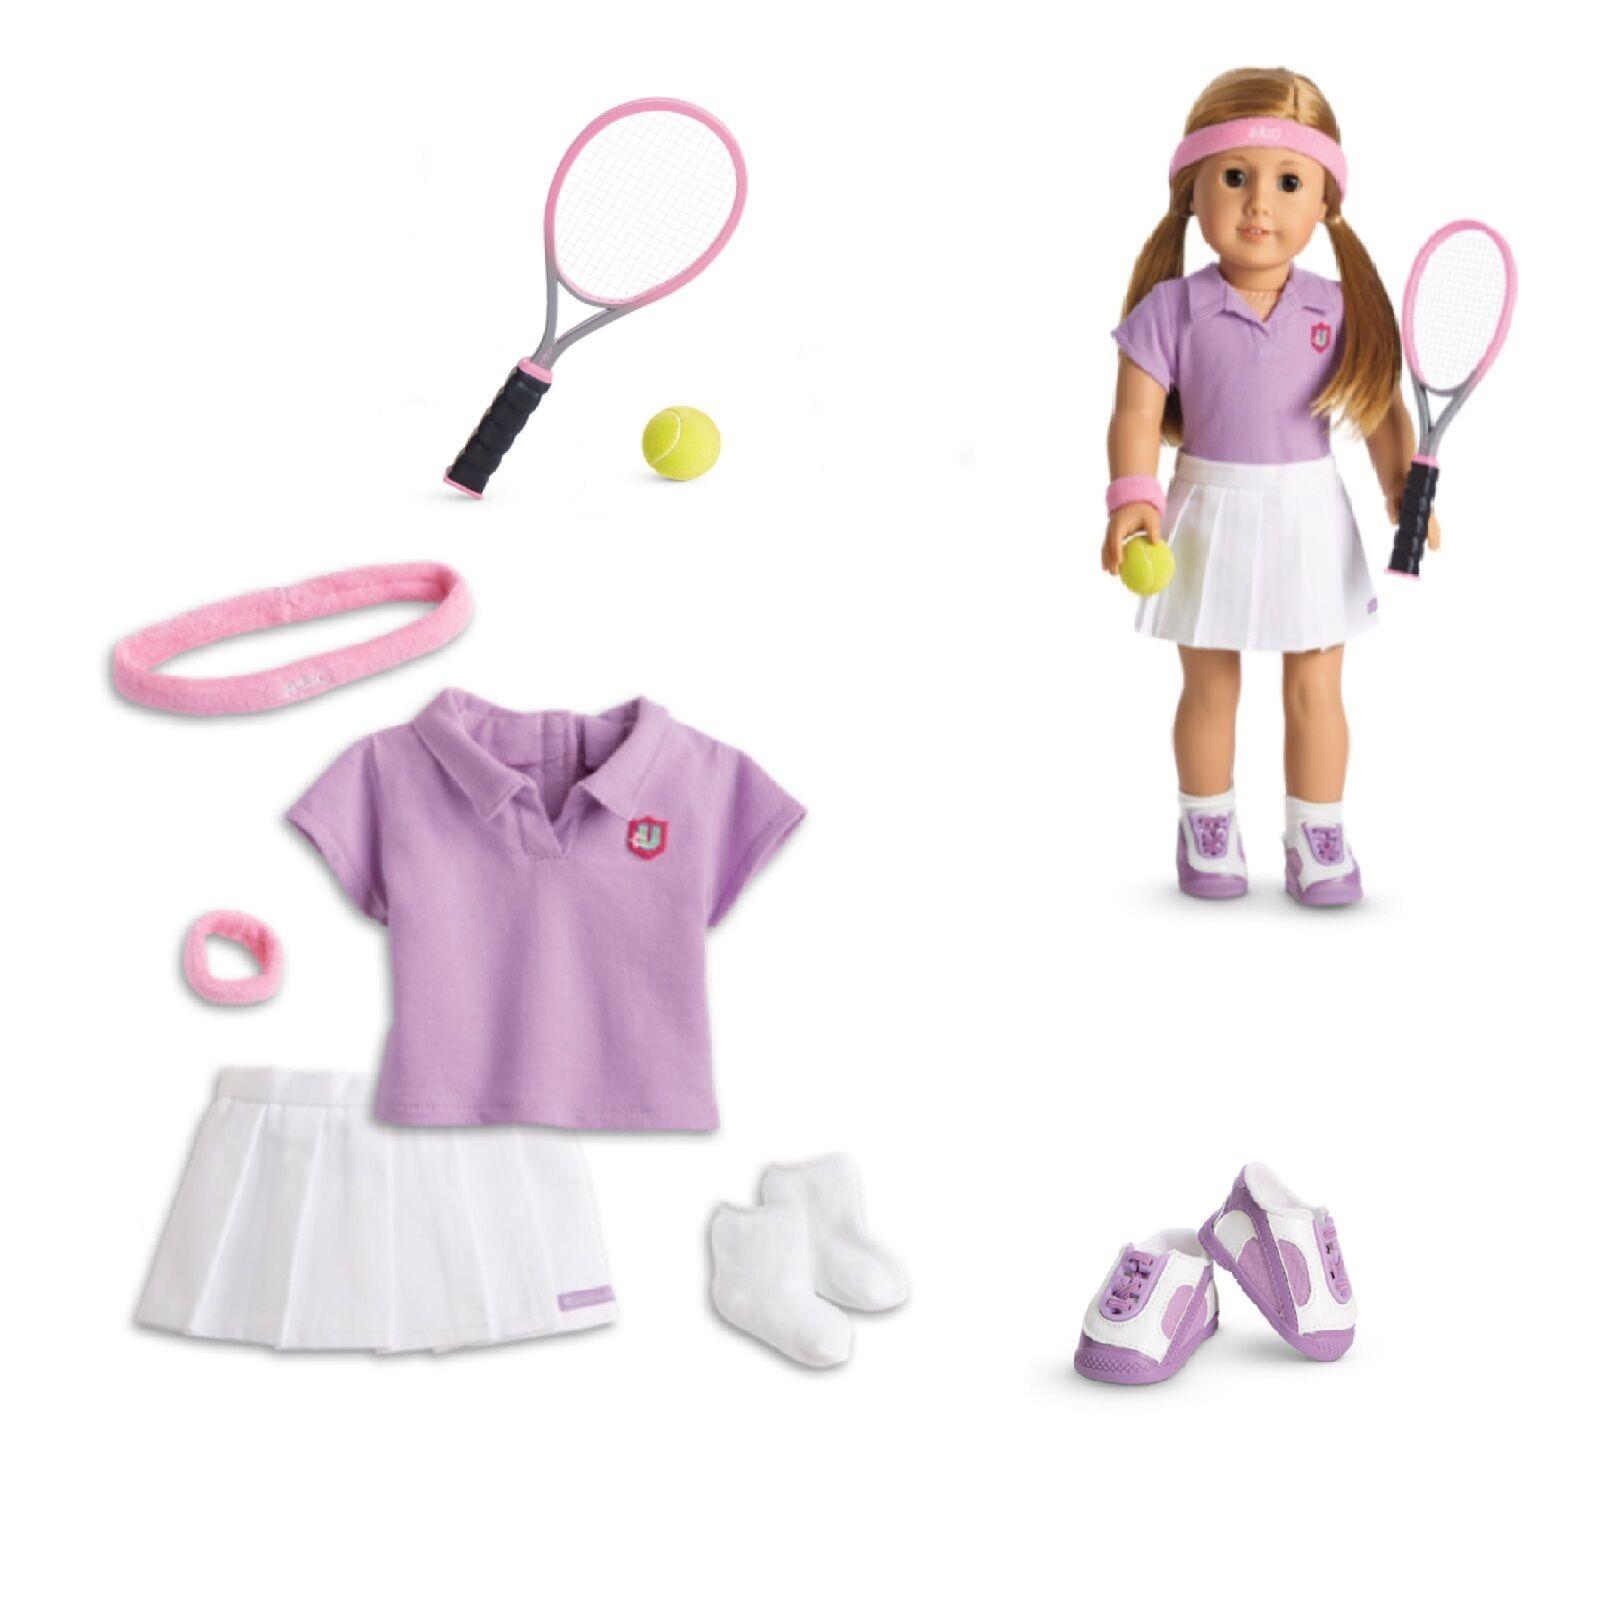 American Girl Tm Tennis Outfit für 45.7cm Puppen Kleidung Sport Schläger